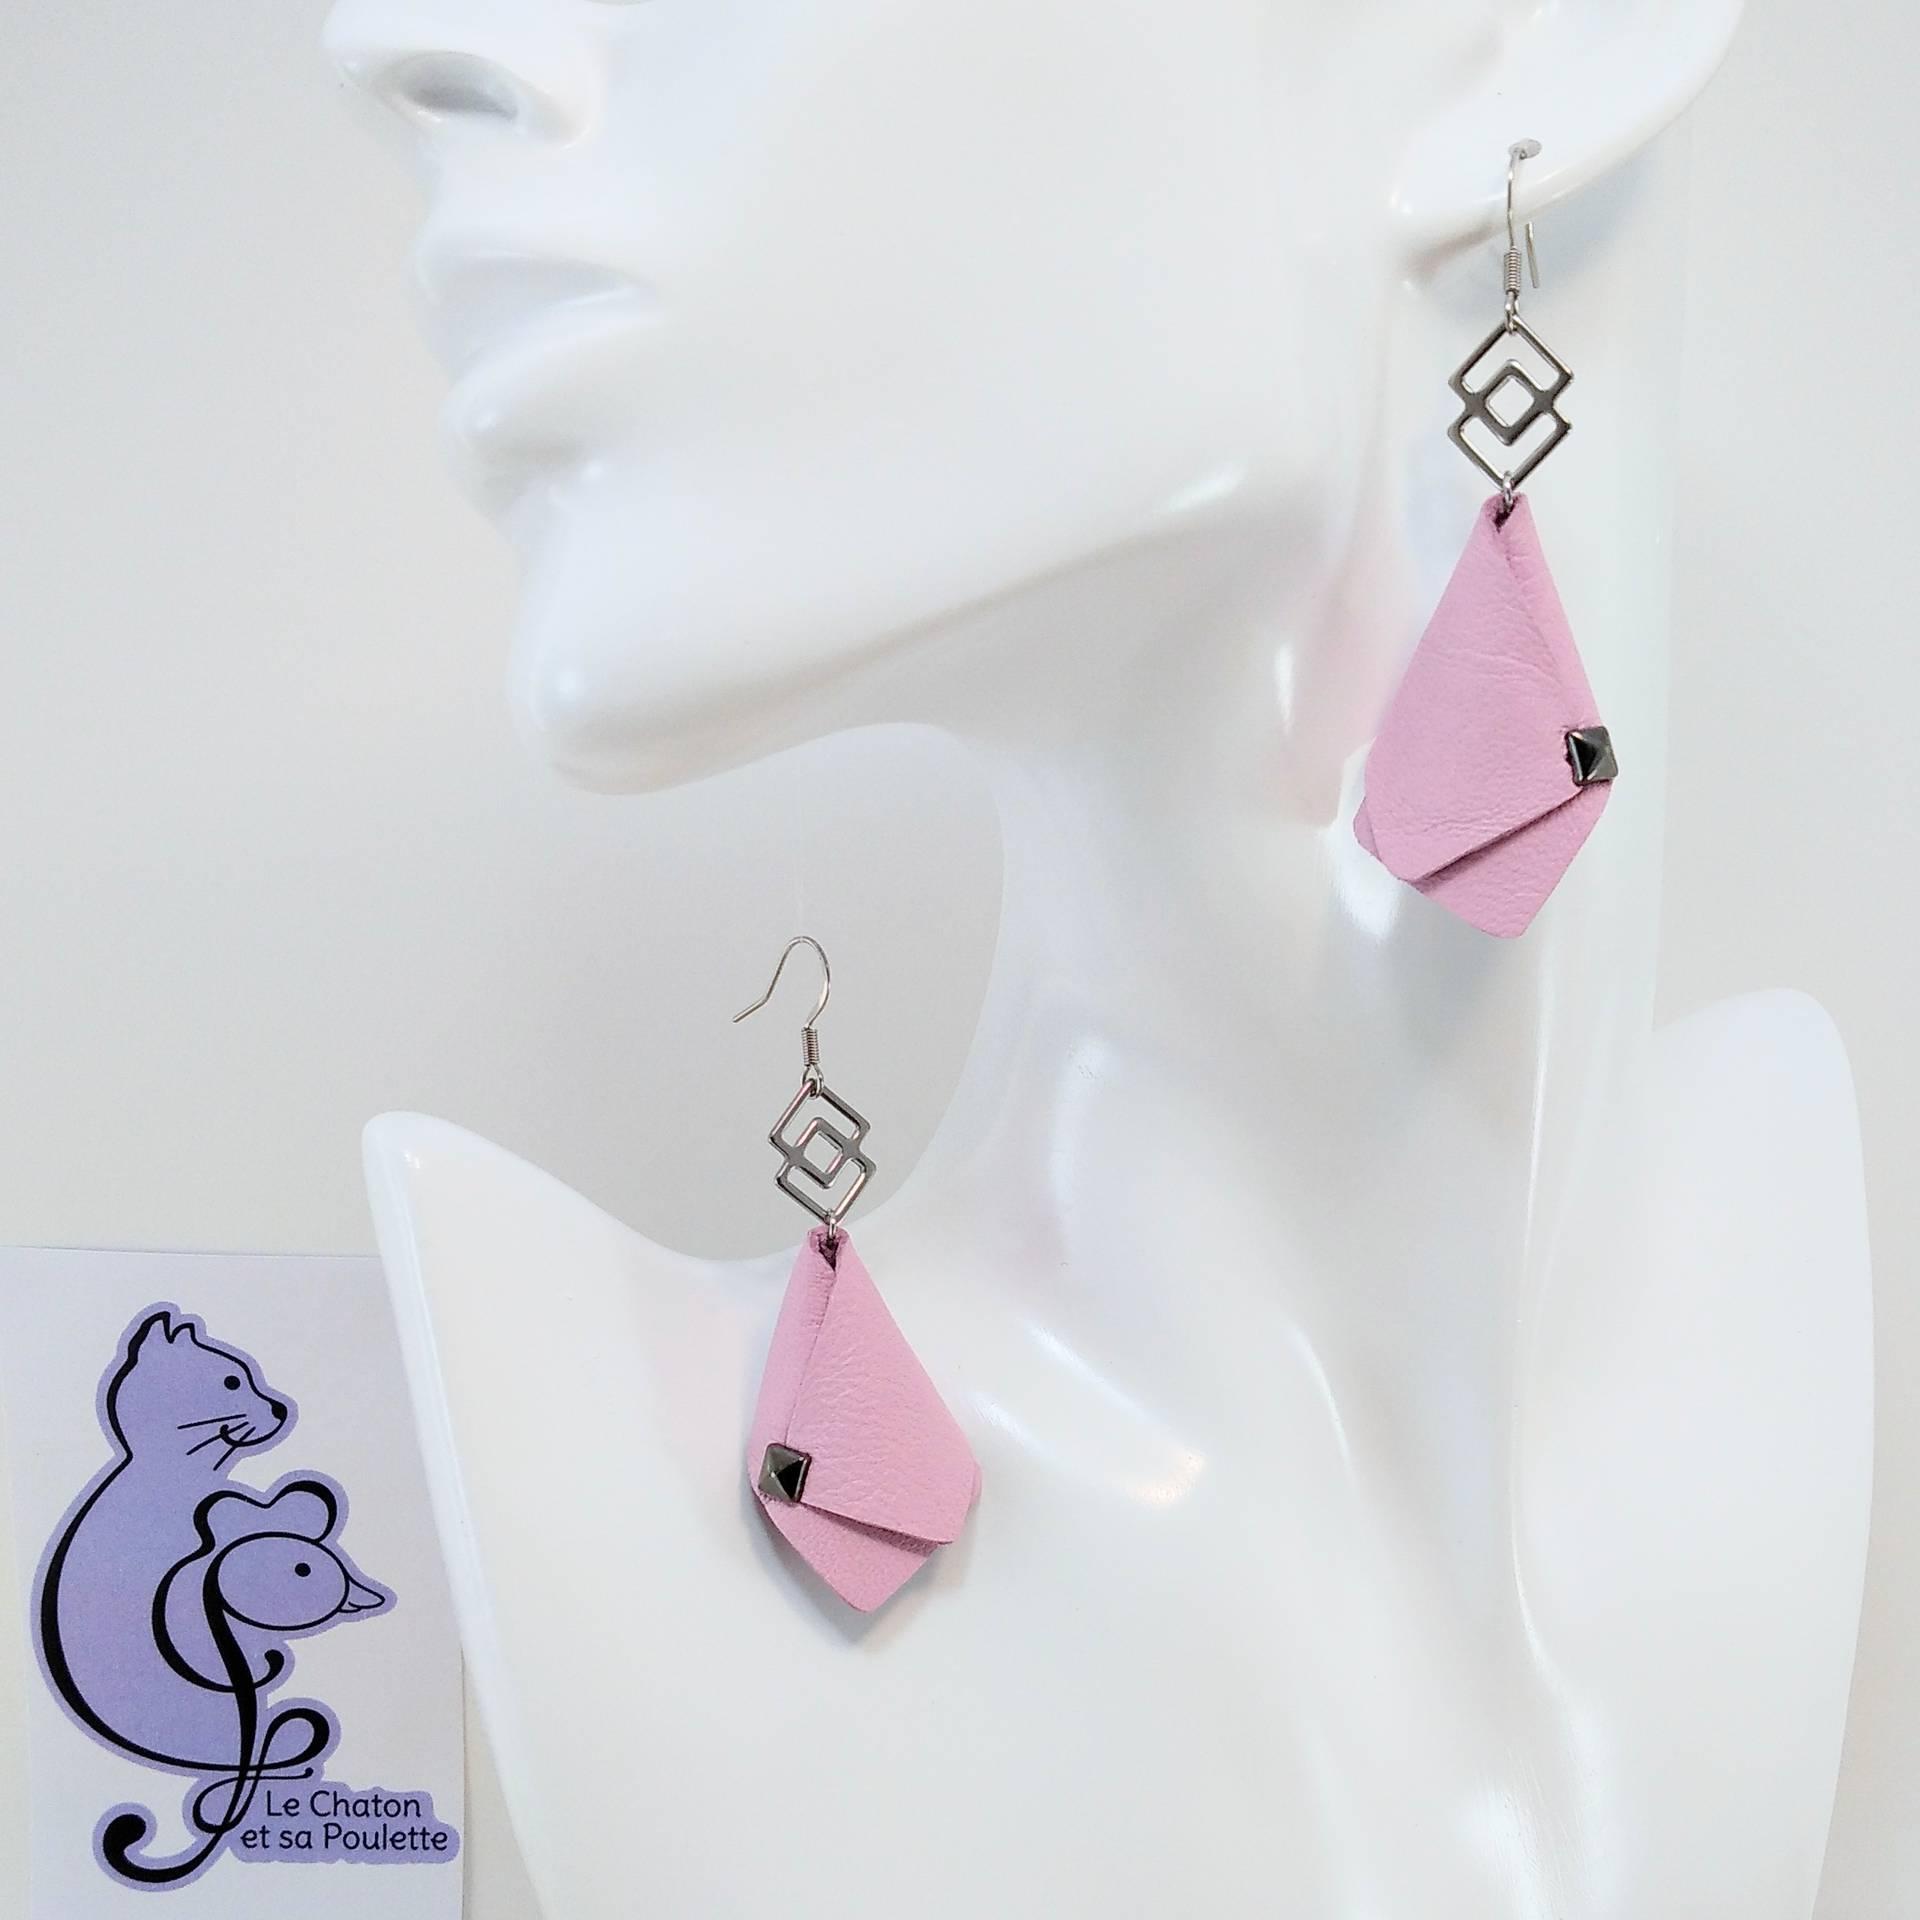 BO FORMIDABLE modèle VAL Cuir rose dragée, breloque inox carrés entrelacés et carré diamant laiton noir